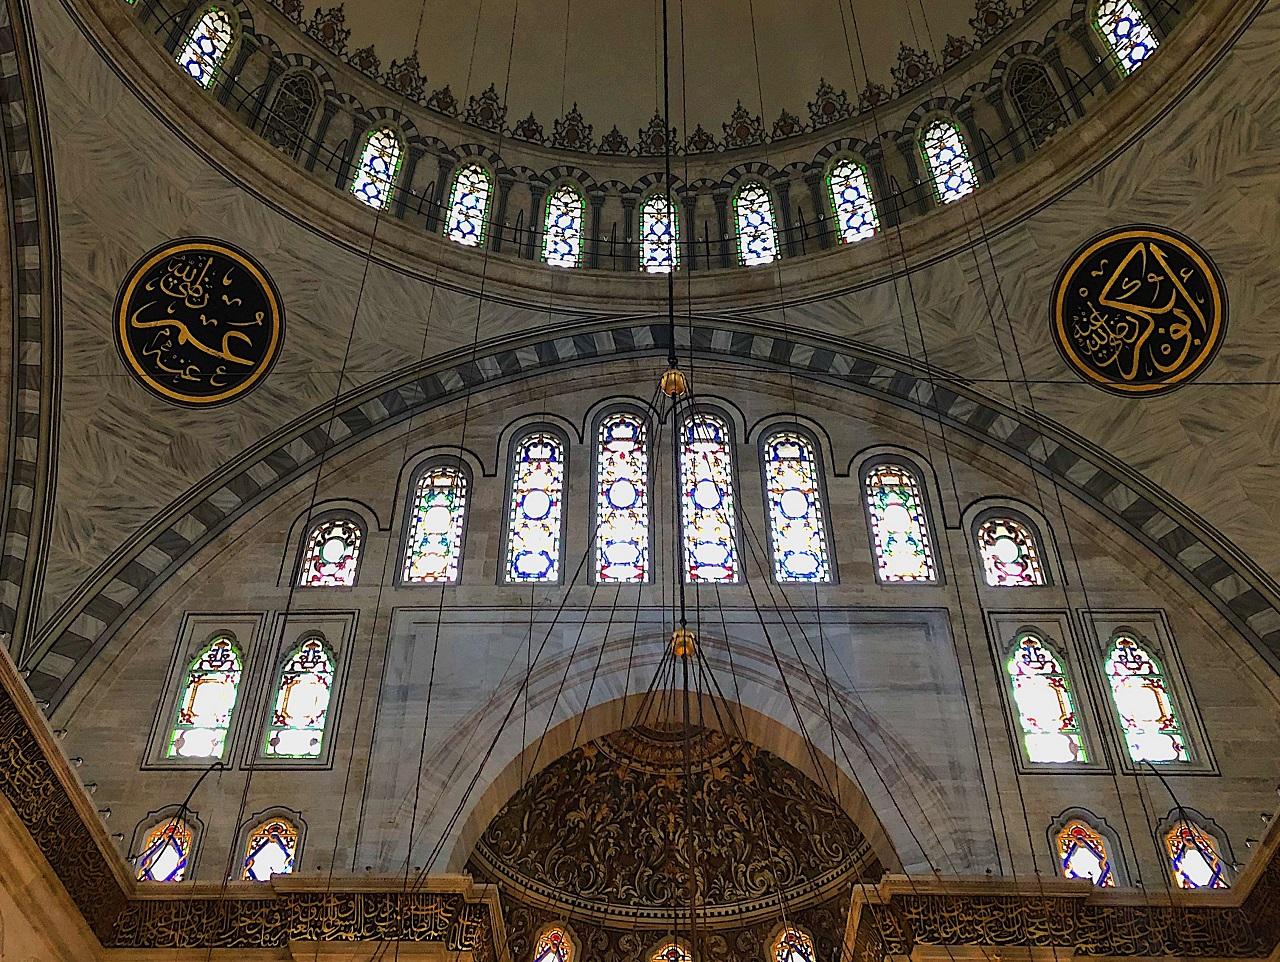 ヌルオスマニエ・モスク おびただしい数の窓